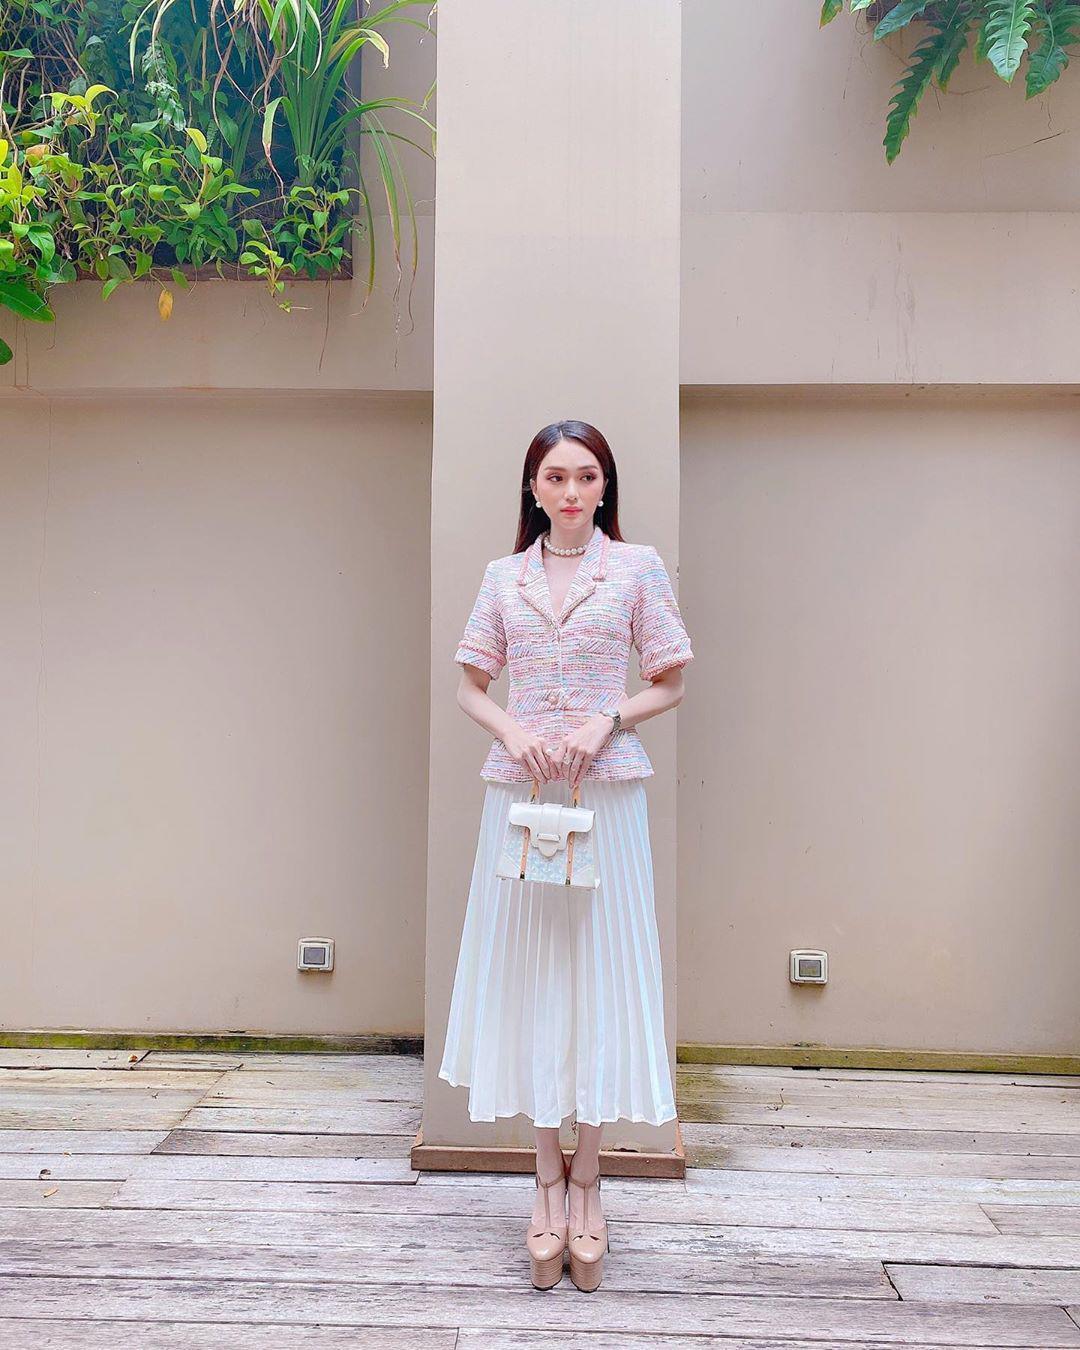 """Hương Giang: Thảm họa thời trang với """"quần què"""" giờ đây là nữ hoàng hàng hiệu không ai sánh bằng - 9"""